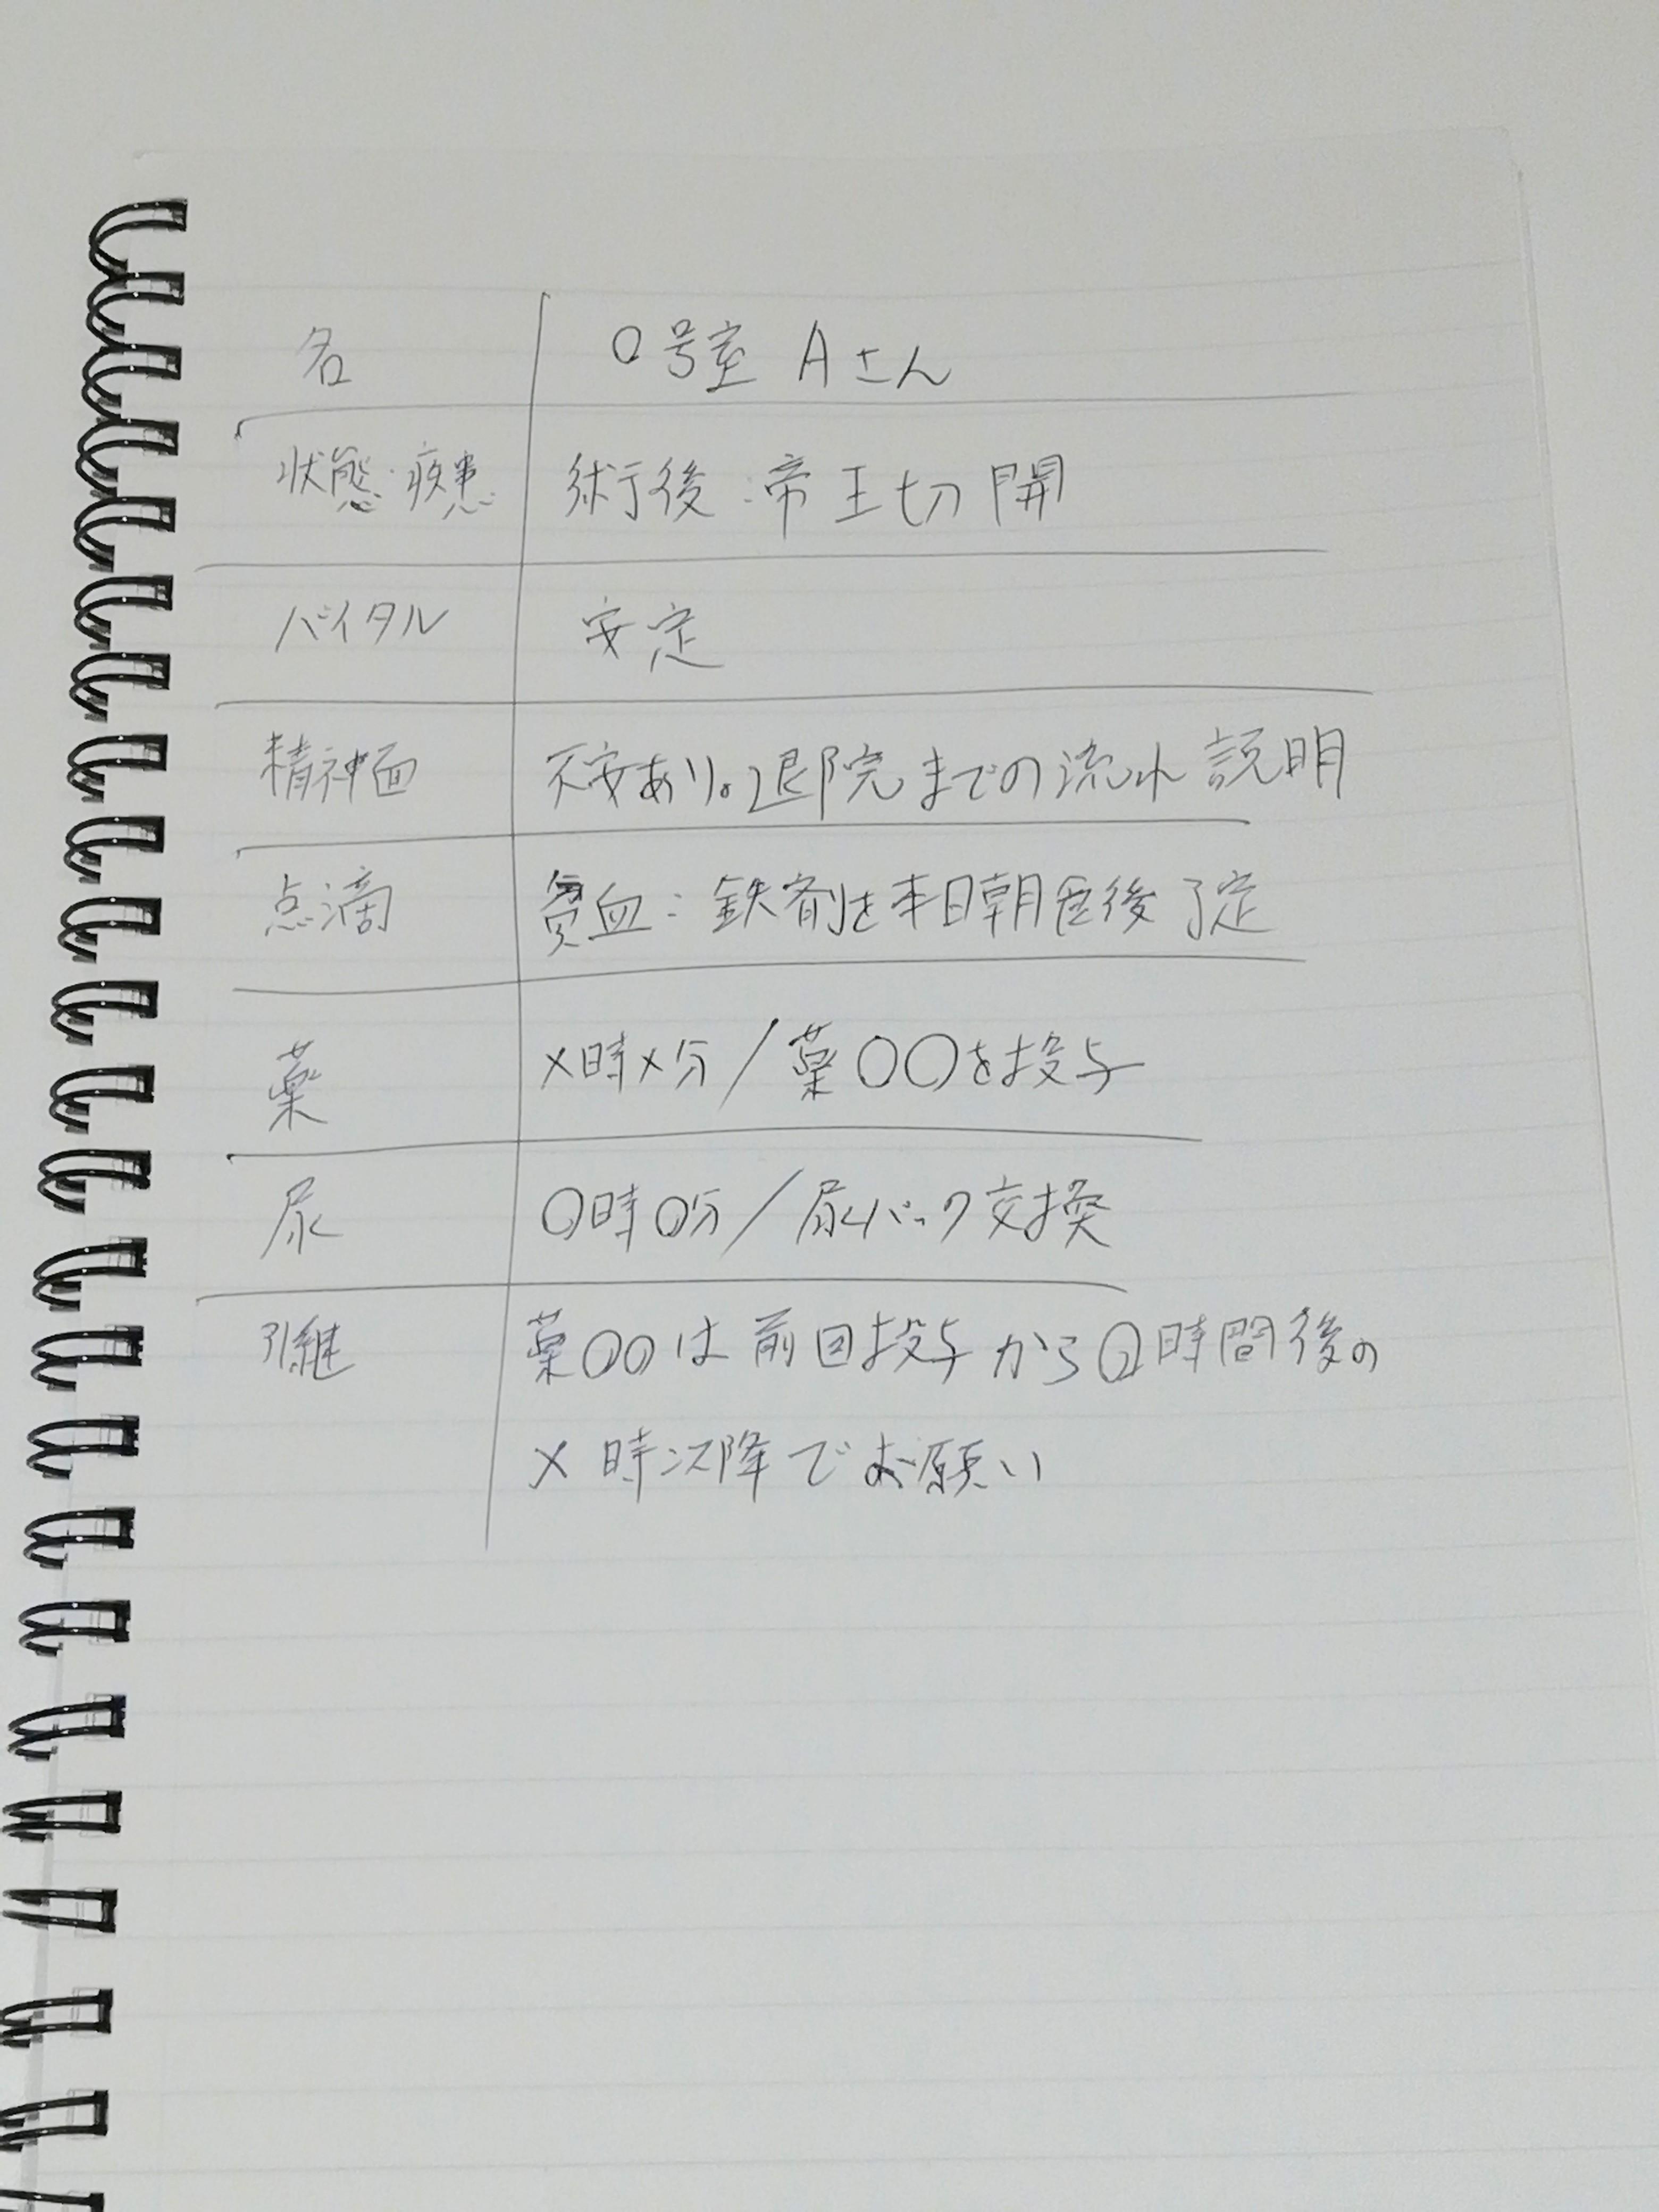 申し送りノート 実例